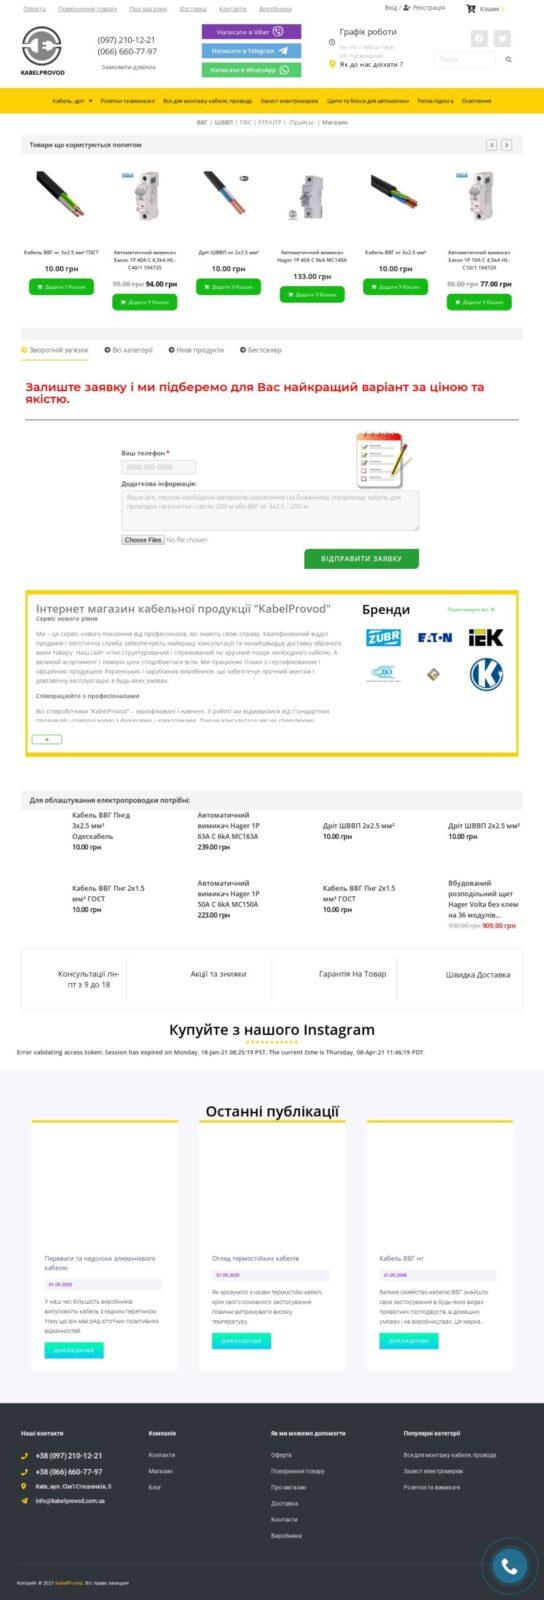 NW-kabelprovod.com.ua-sl-1